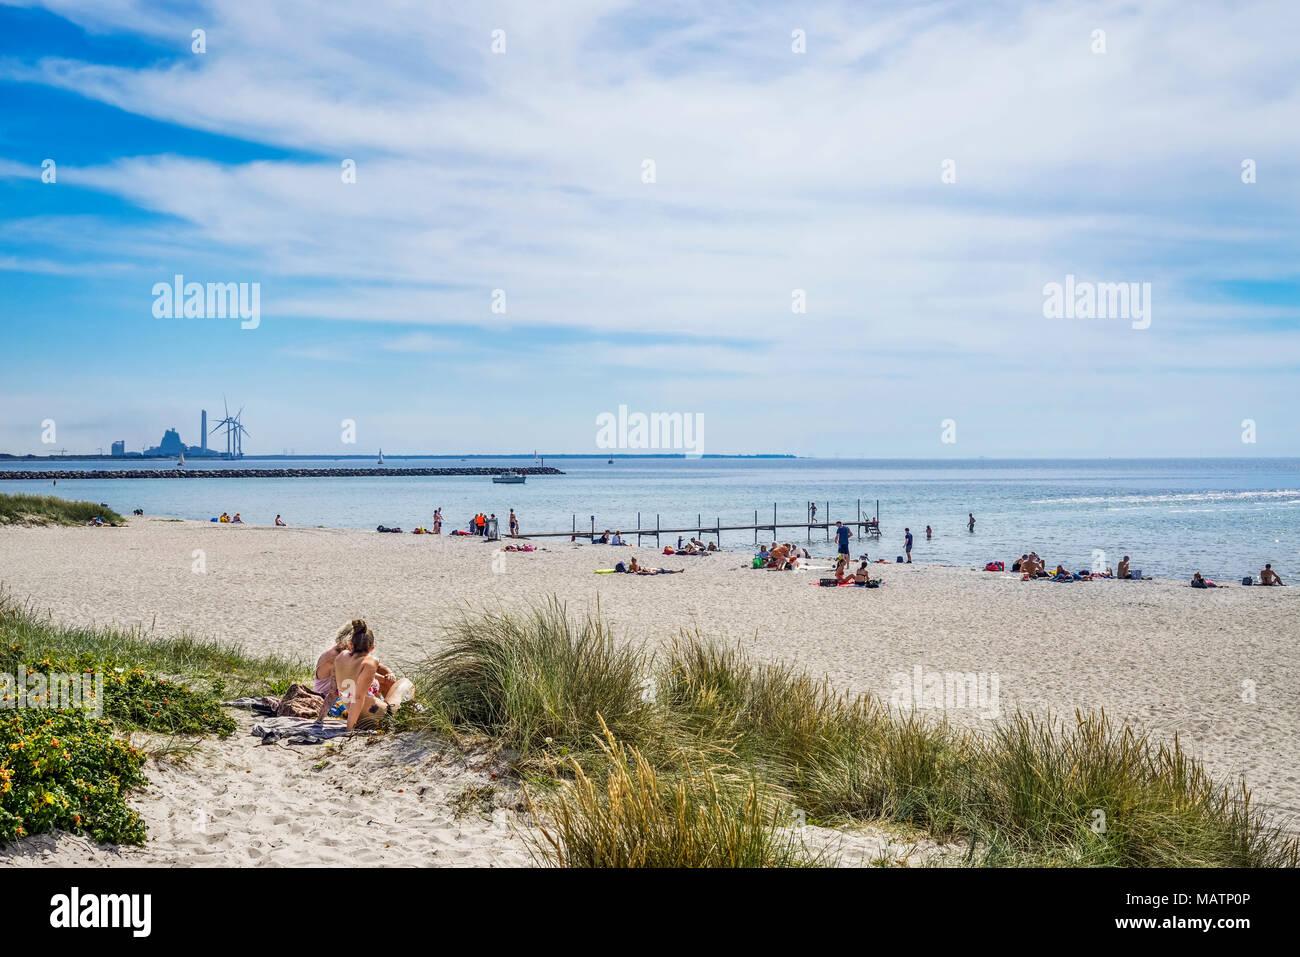 La playa del Mar Báltico en Ishøj en la southwester Køge Bay, un suburbio de Copenhague con las instalaciones de alta tecnología Avedøre Power Station en la ba Imagen De Stock